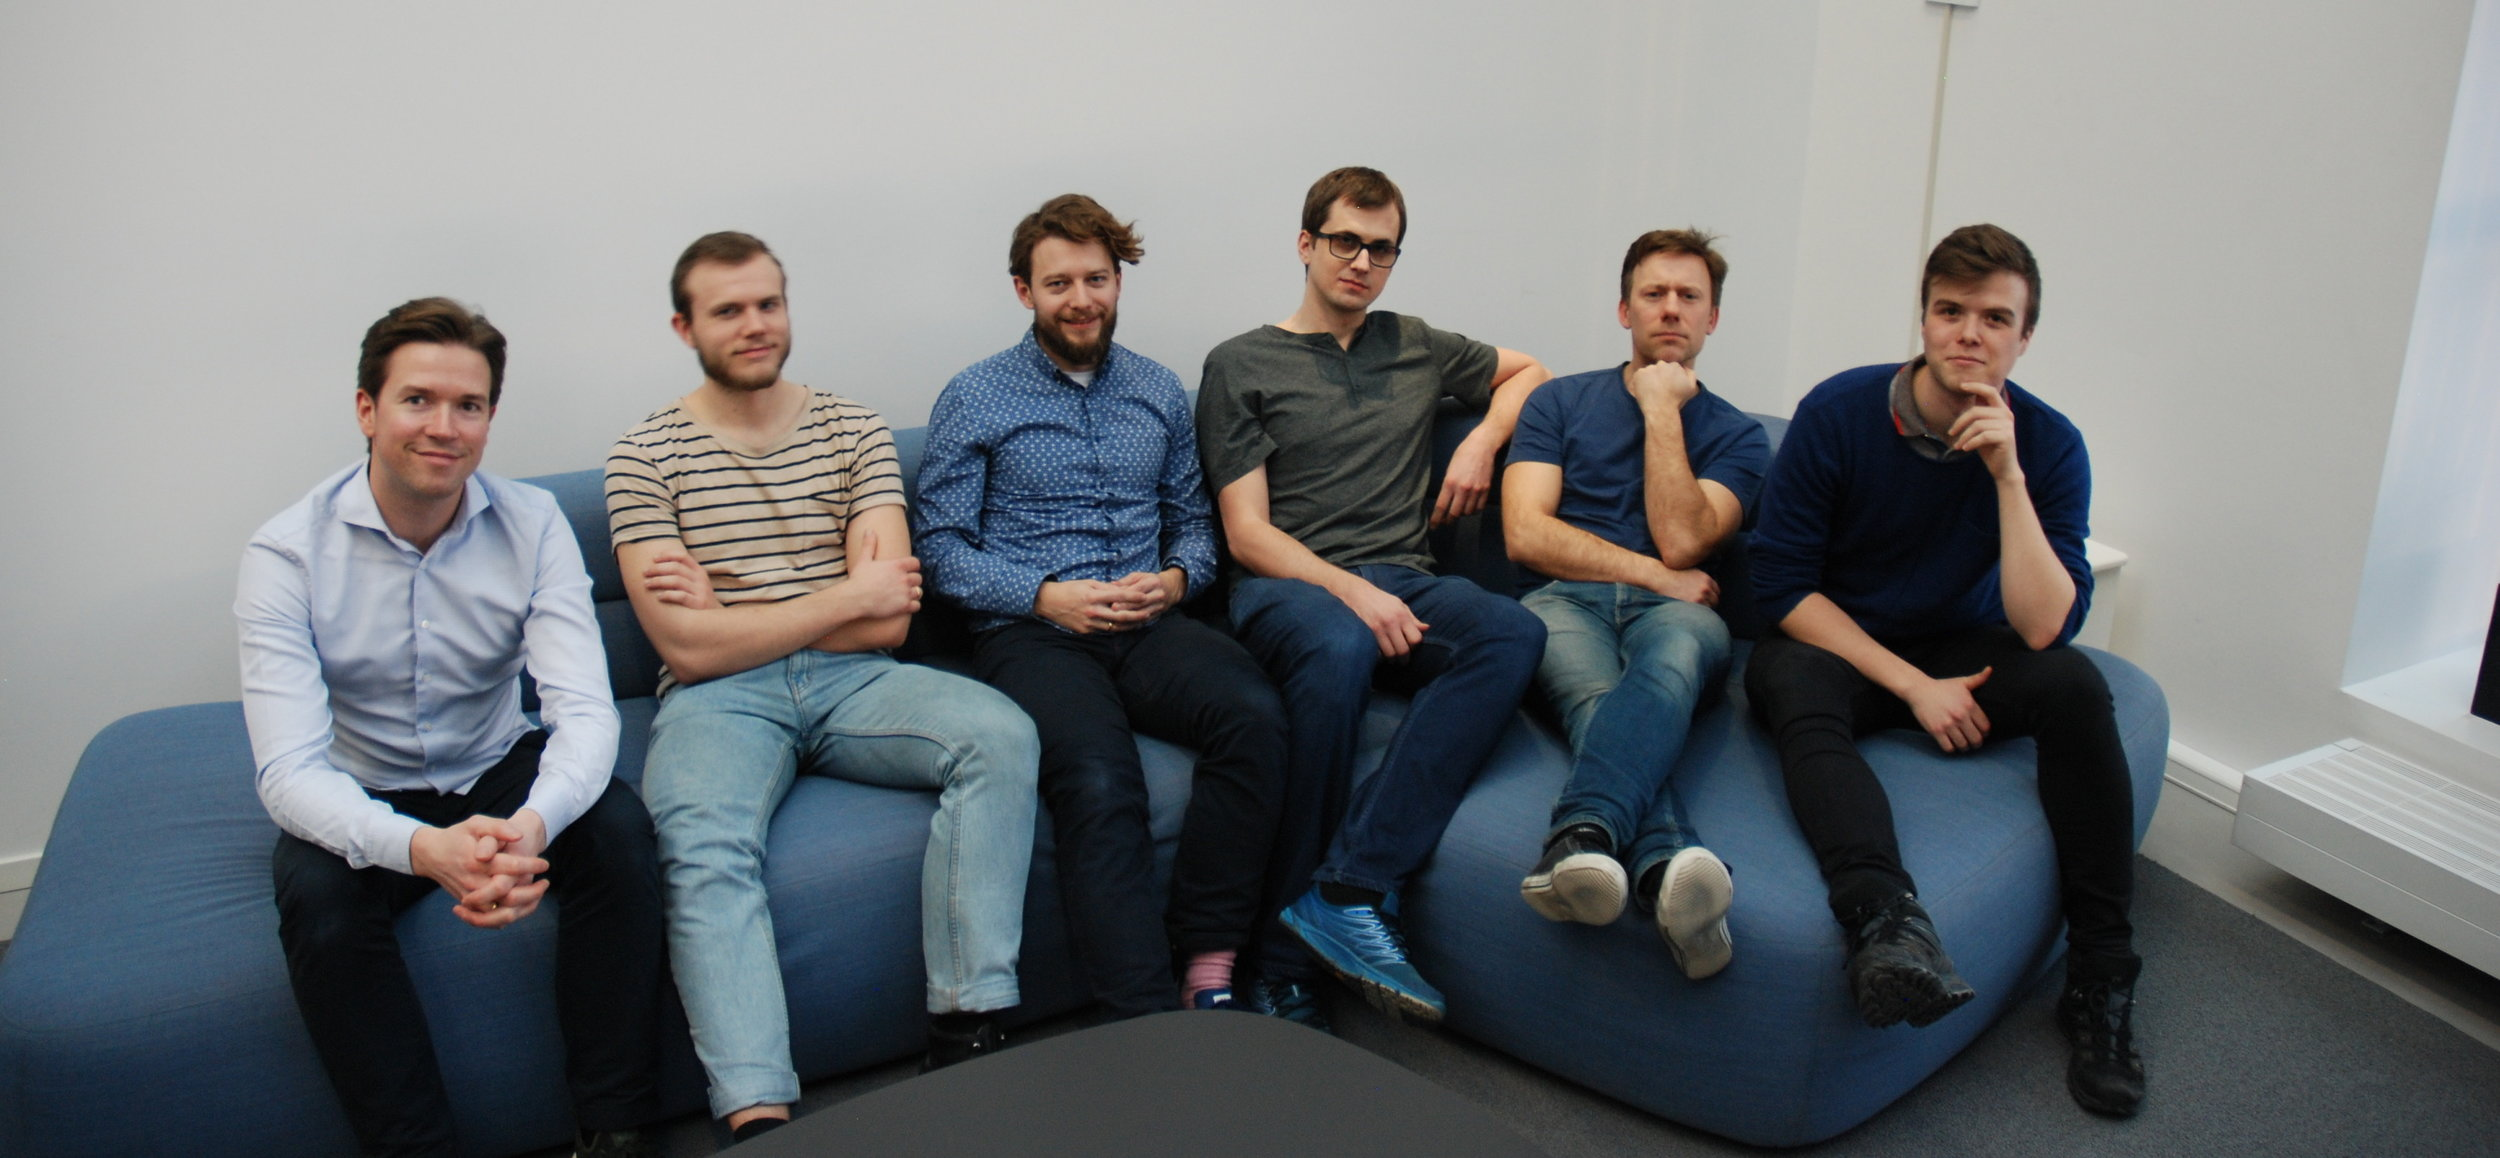 Kristoffer Almeland, Tormod Mathiesen, Nicolai Kirkeng Vennerød, Ørjan Blom, Martin Solli og Magnus Kvalevåg.